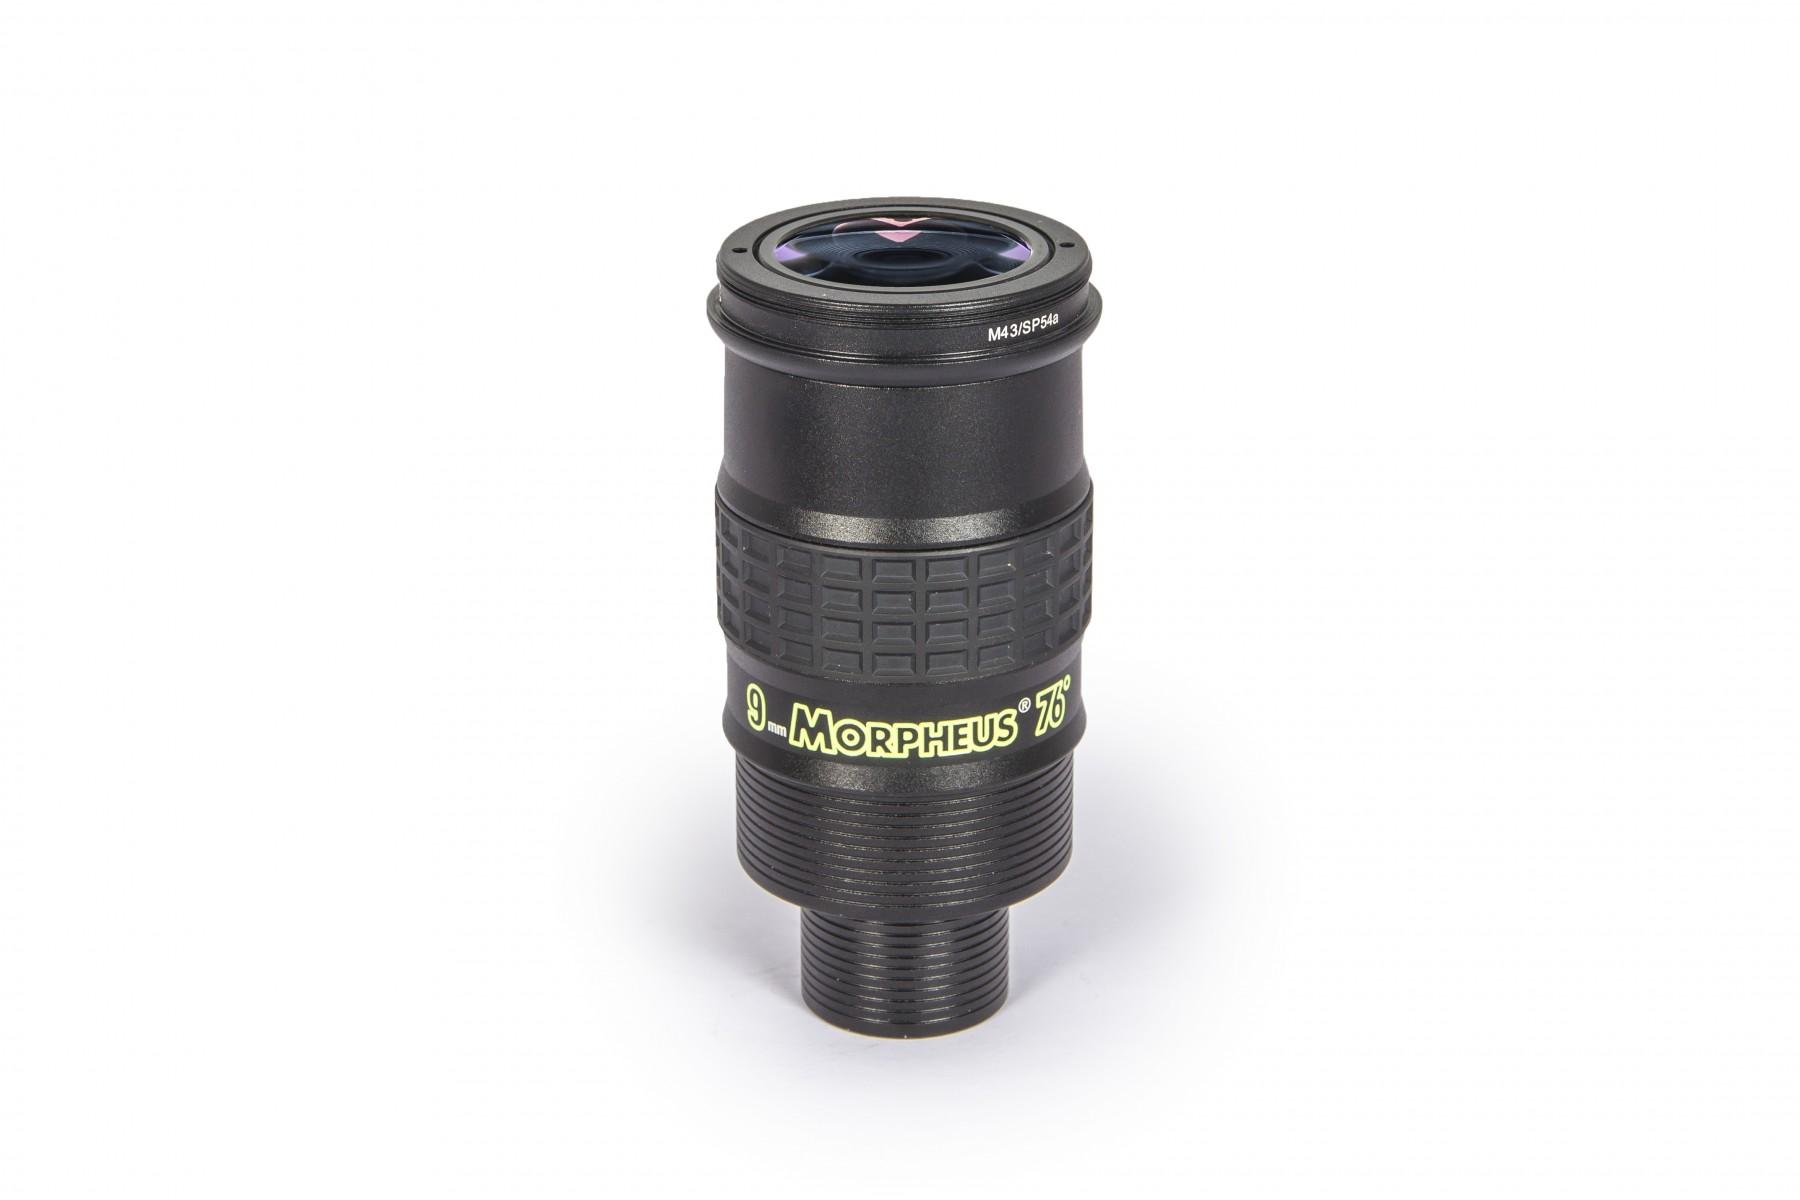 Anwendungsbild: Morpheus 9mm mit M43/SP54 Adapter